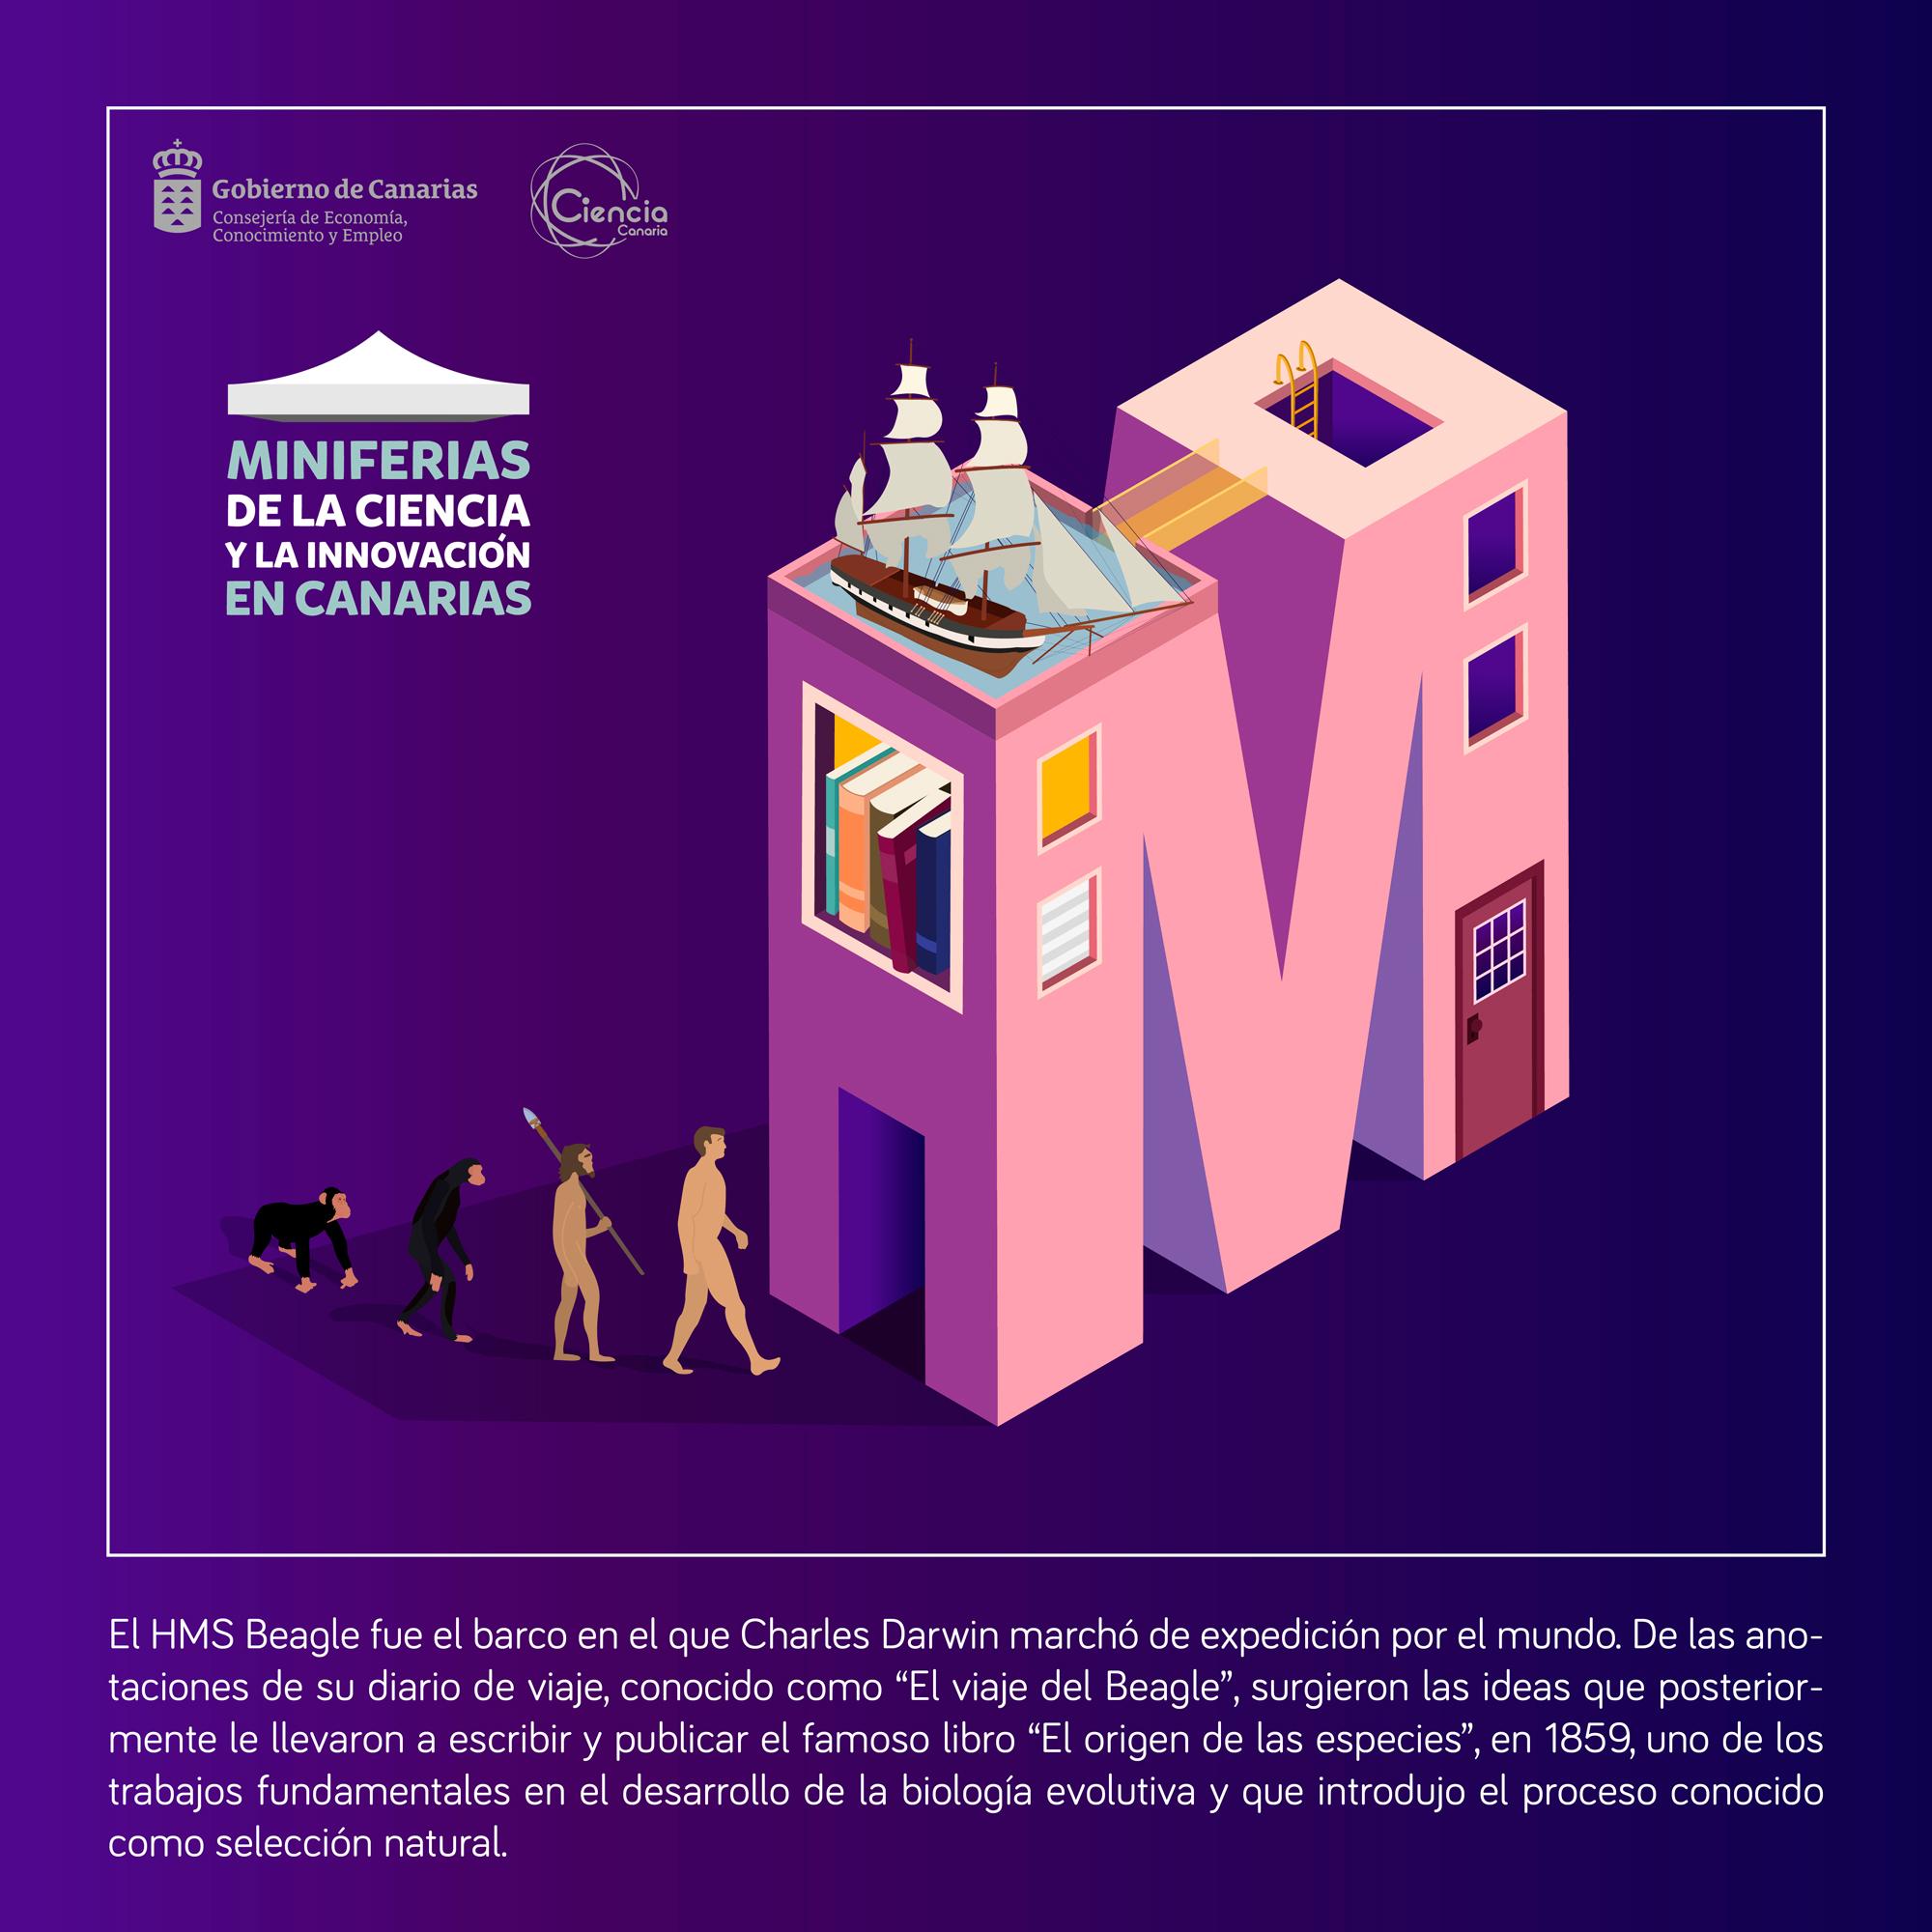 Nuevos referentes femeninos en tecnología, ciencia e innovación creados por mujeres de Canarias